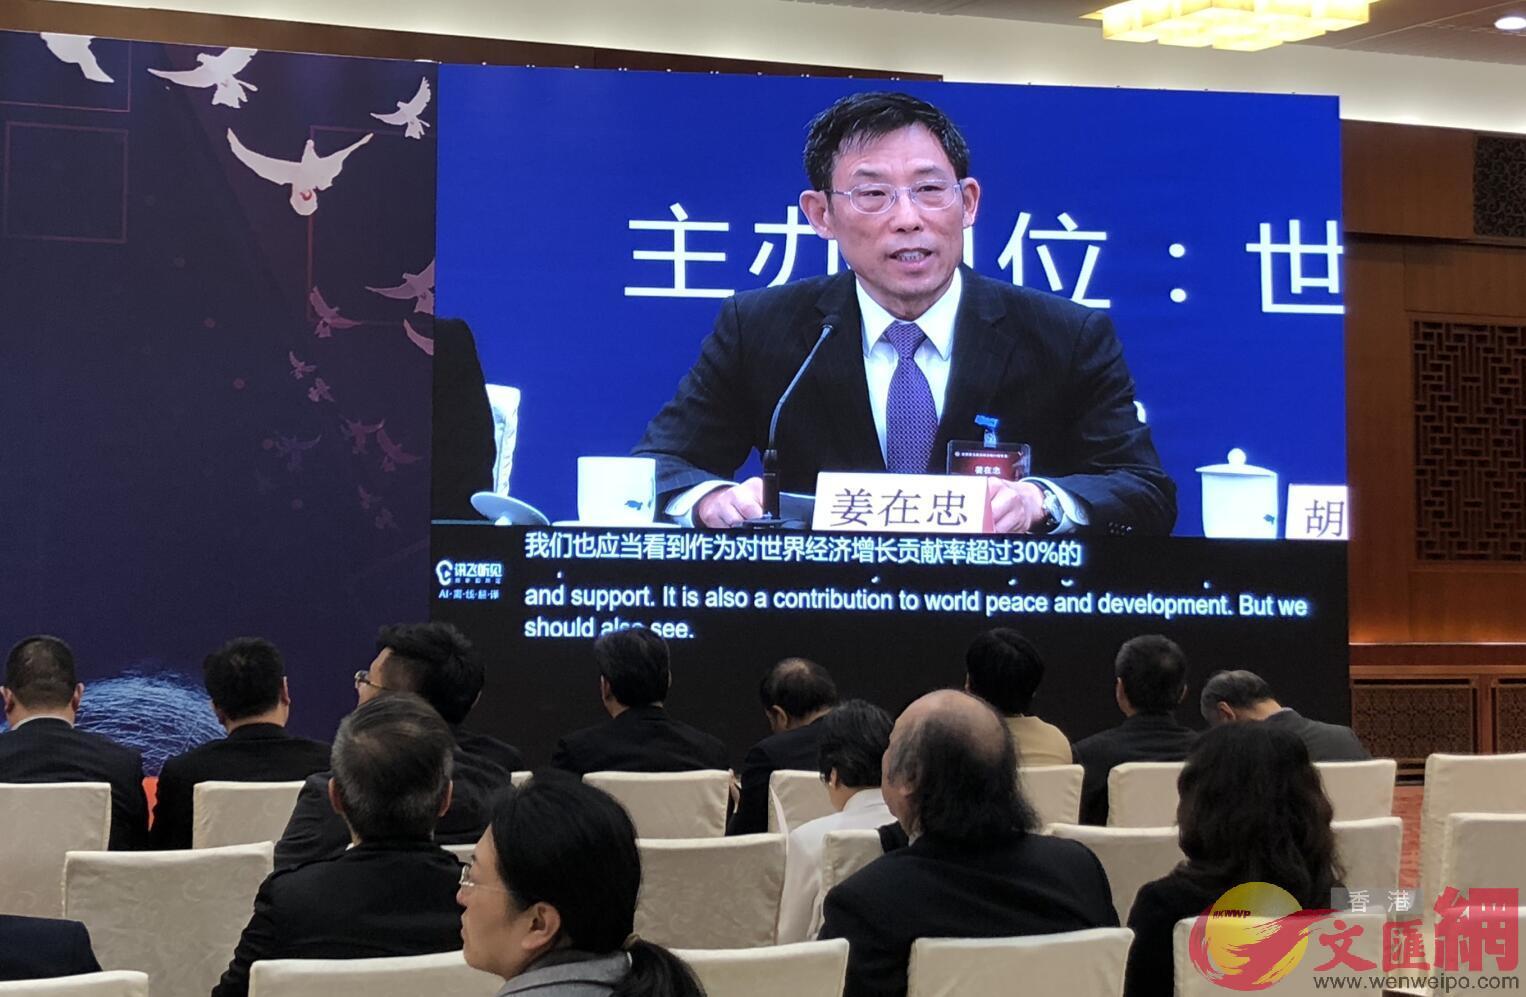 世界中文報業協會主席、香港大公文匯傳媒集團董事長姜在忠在世界中文報業協會第51屆年會開幕禮上致辭。記者馬靜攝